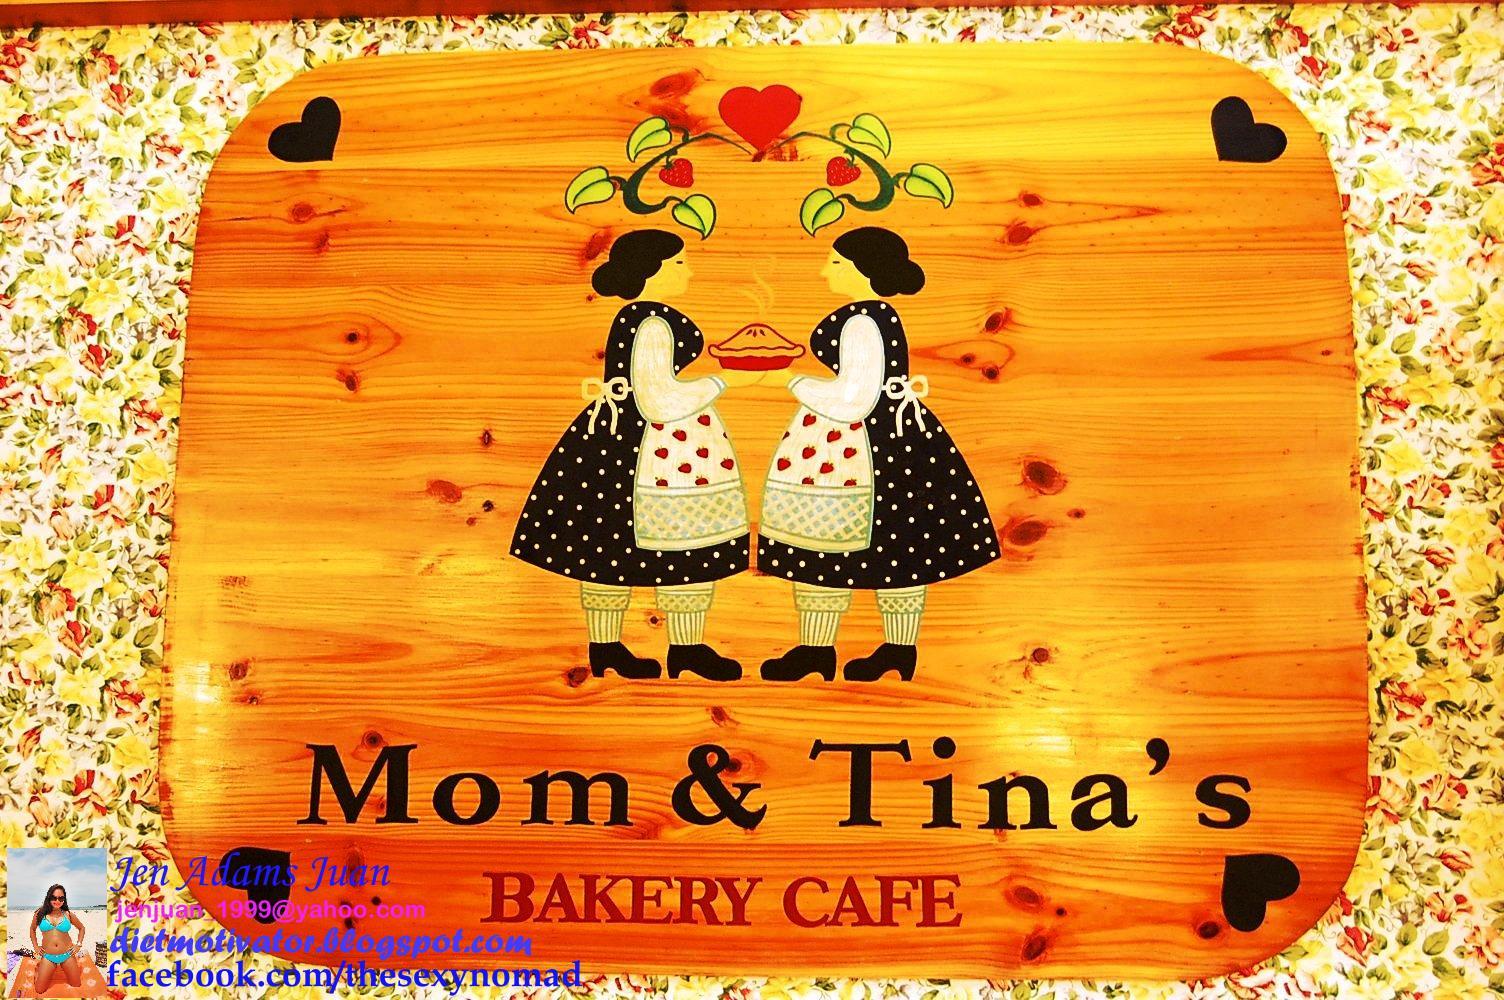 Tina S Cafe Hours